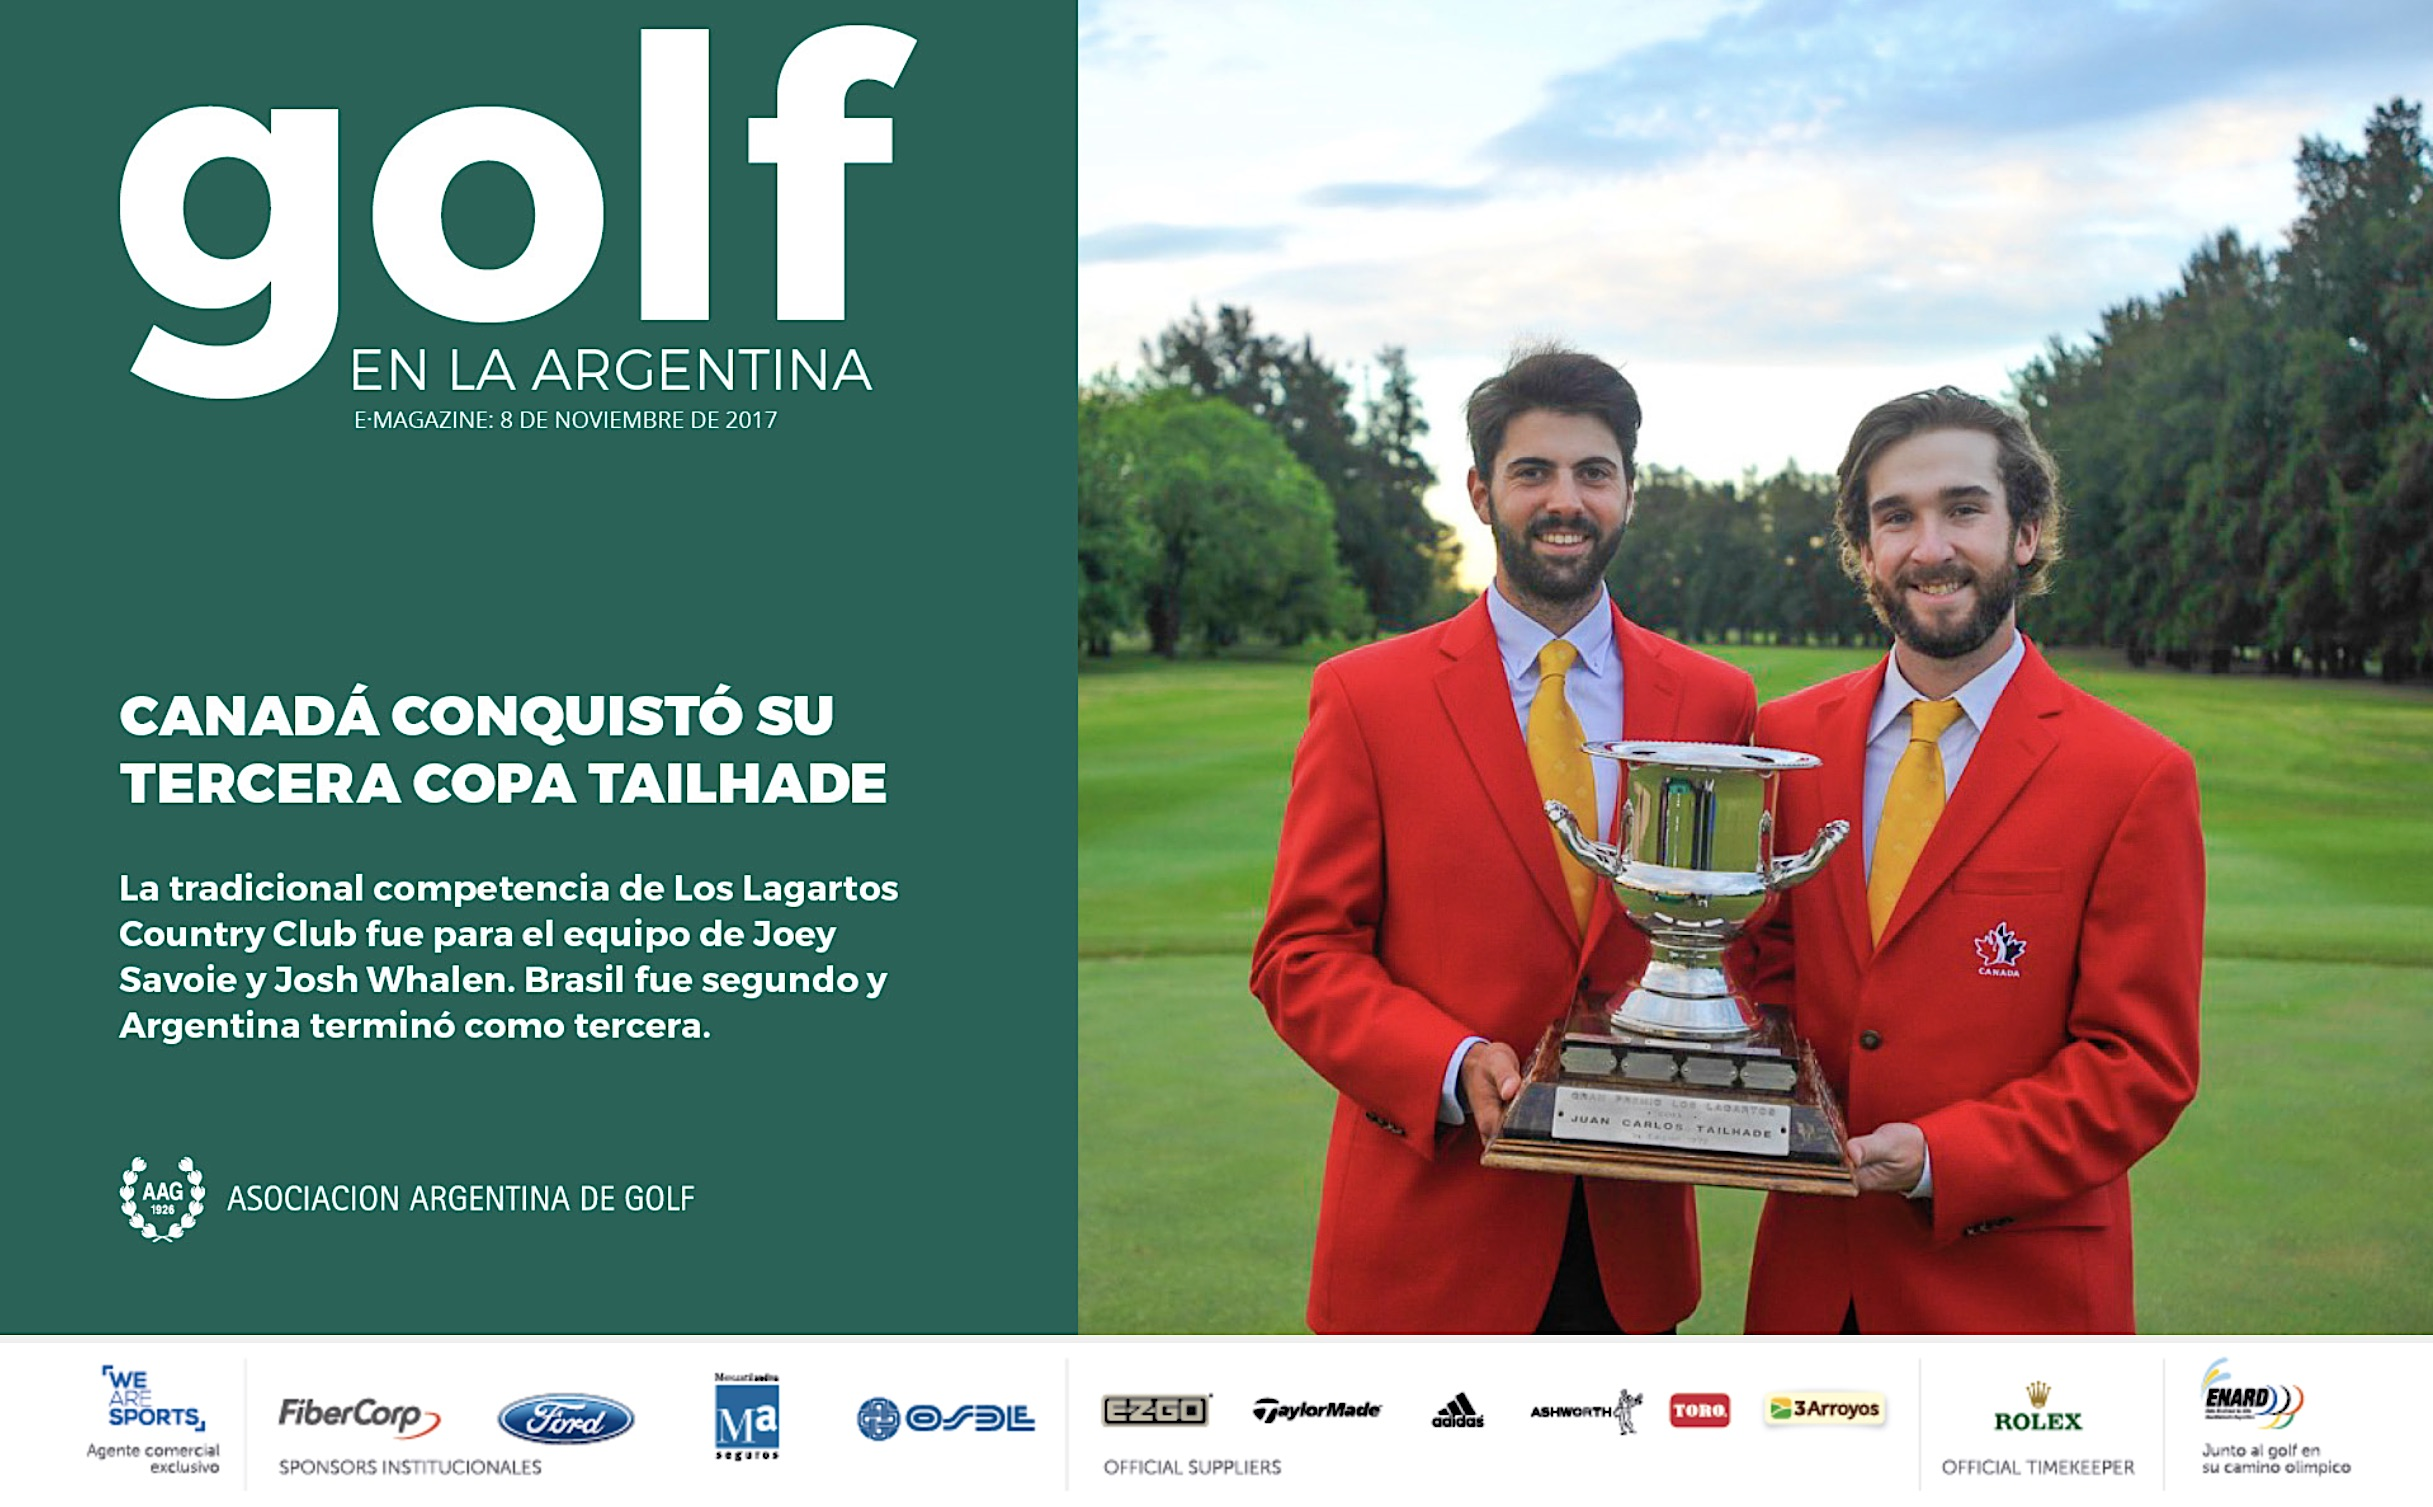 golf en argentina slide